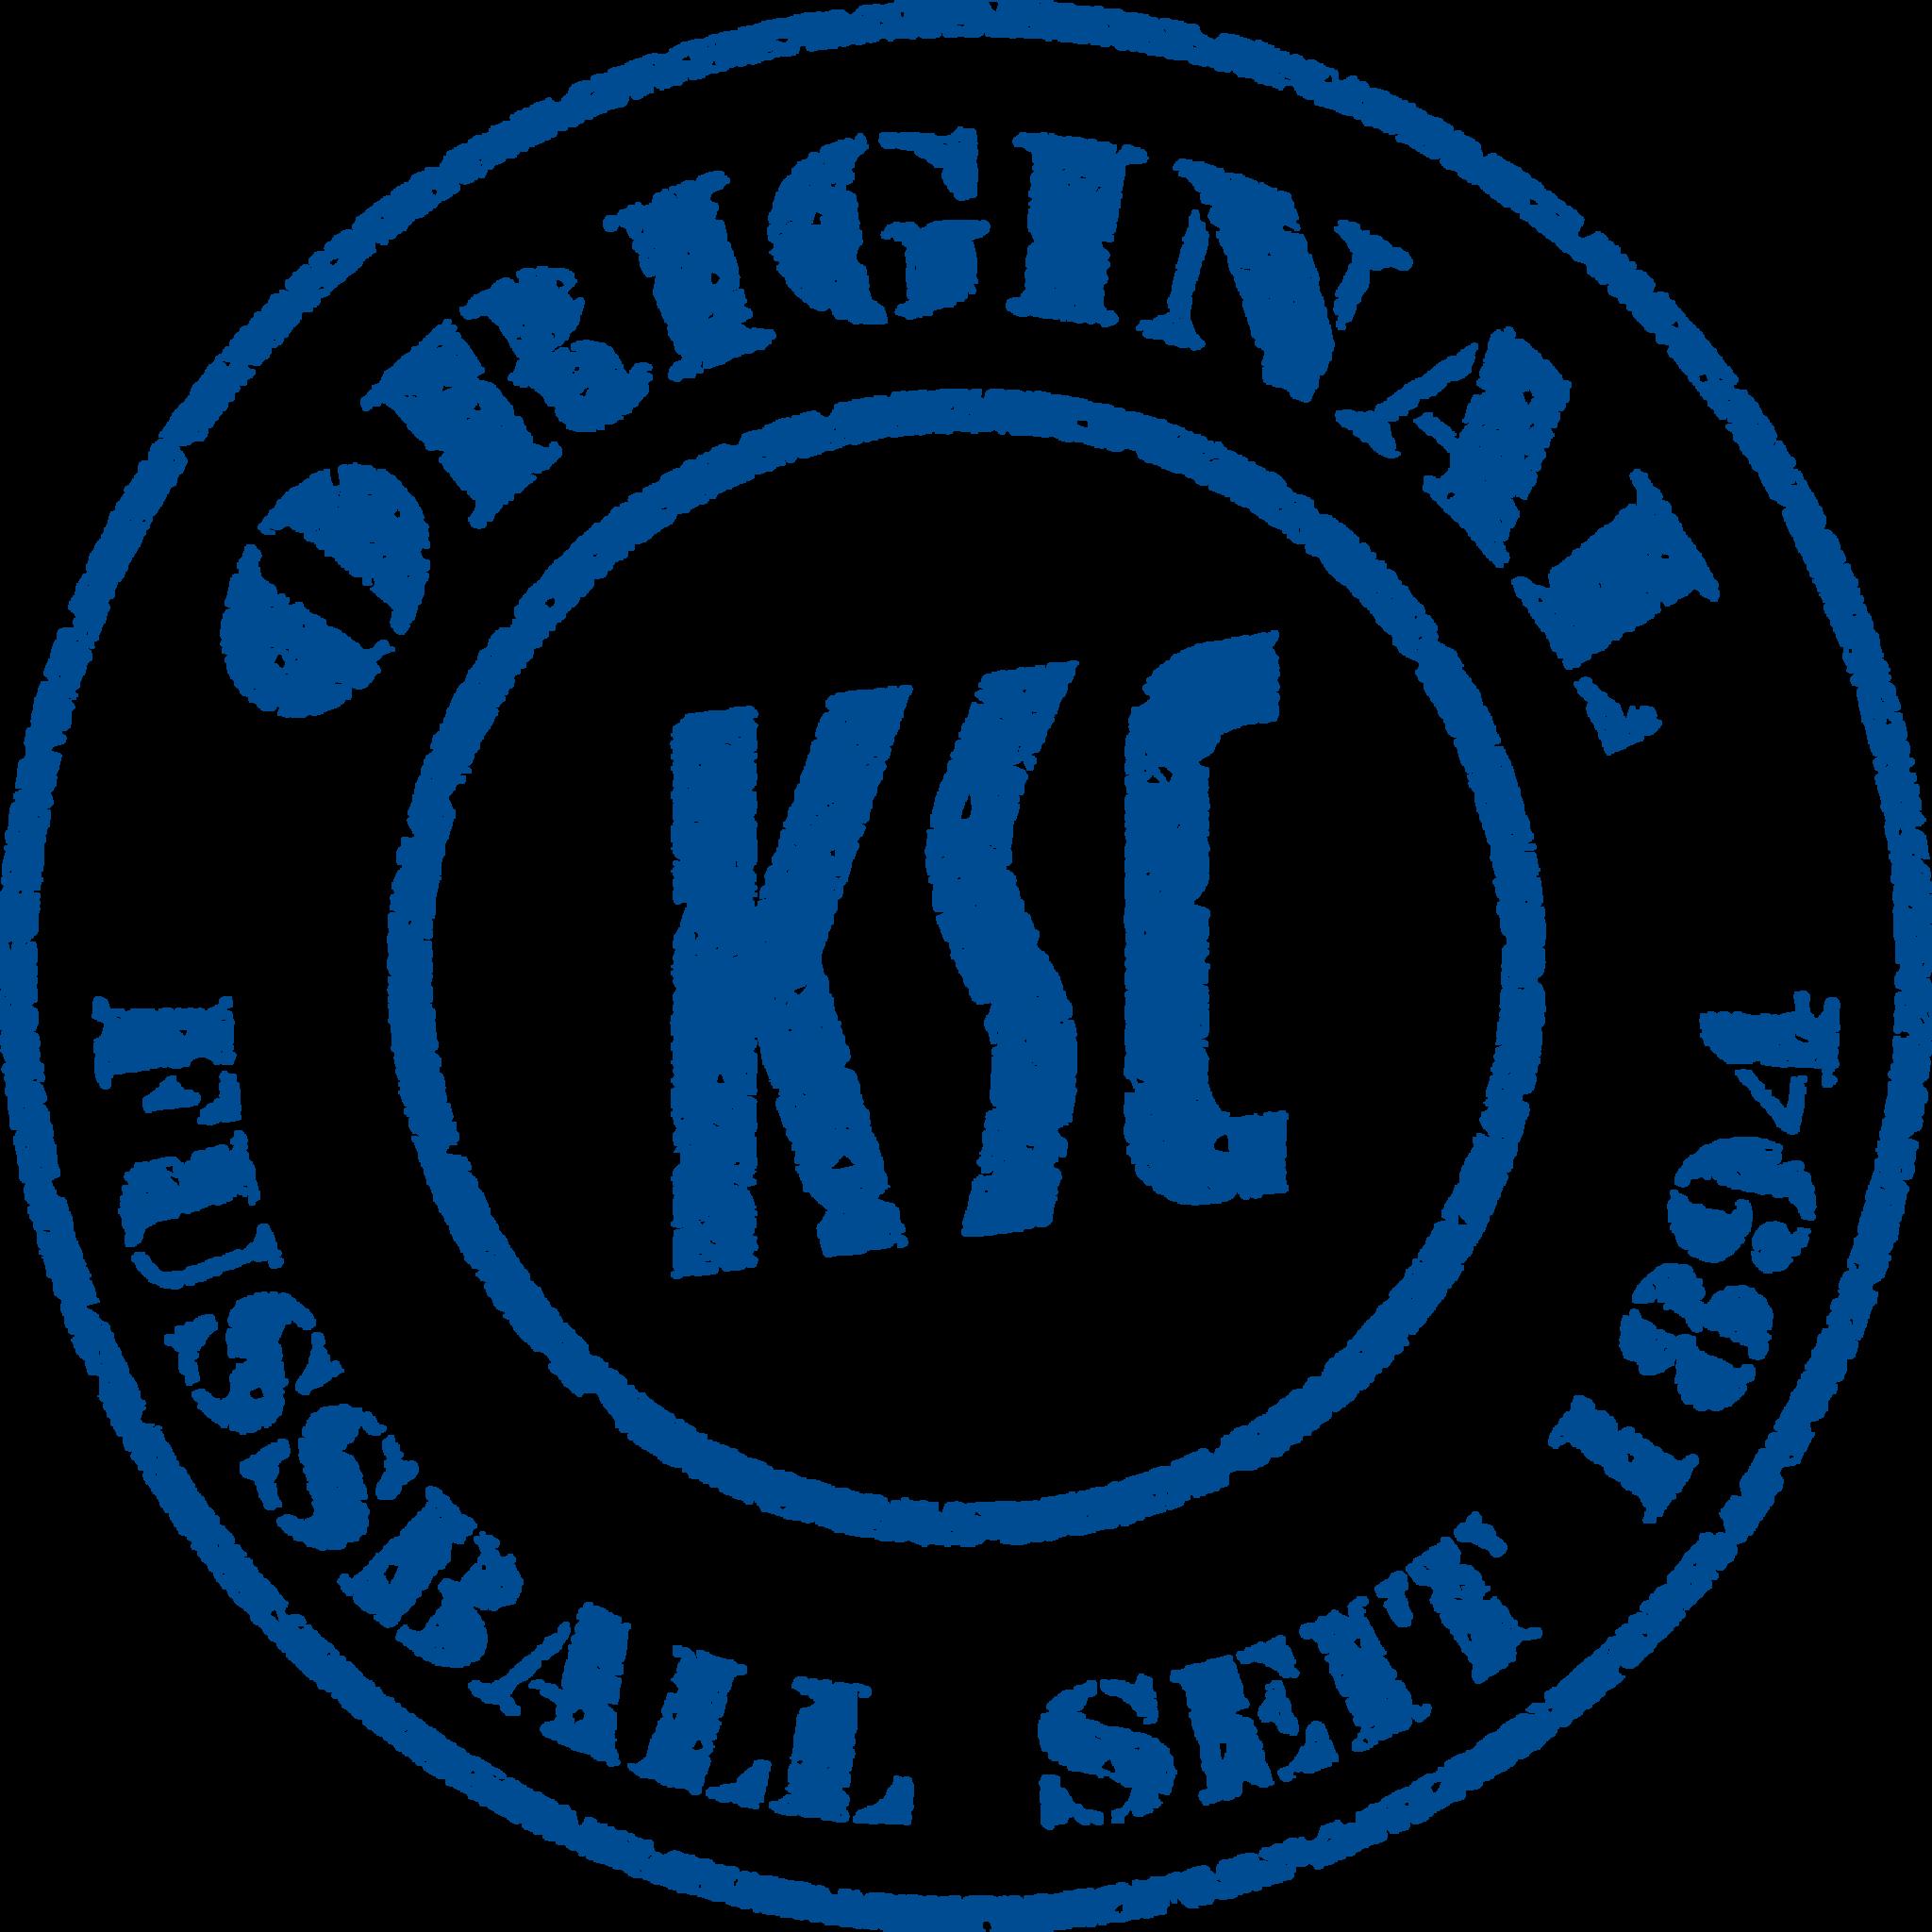 Ksc Fanshop Karlsruhe